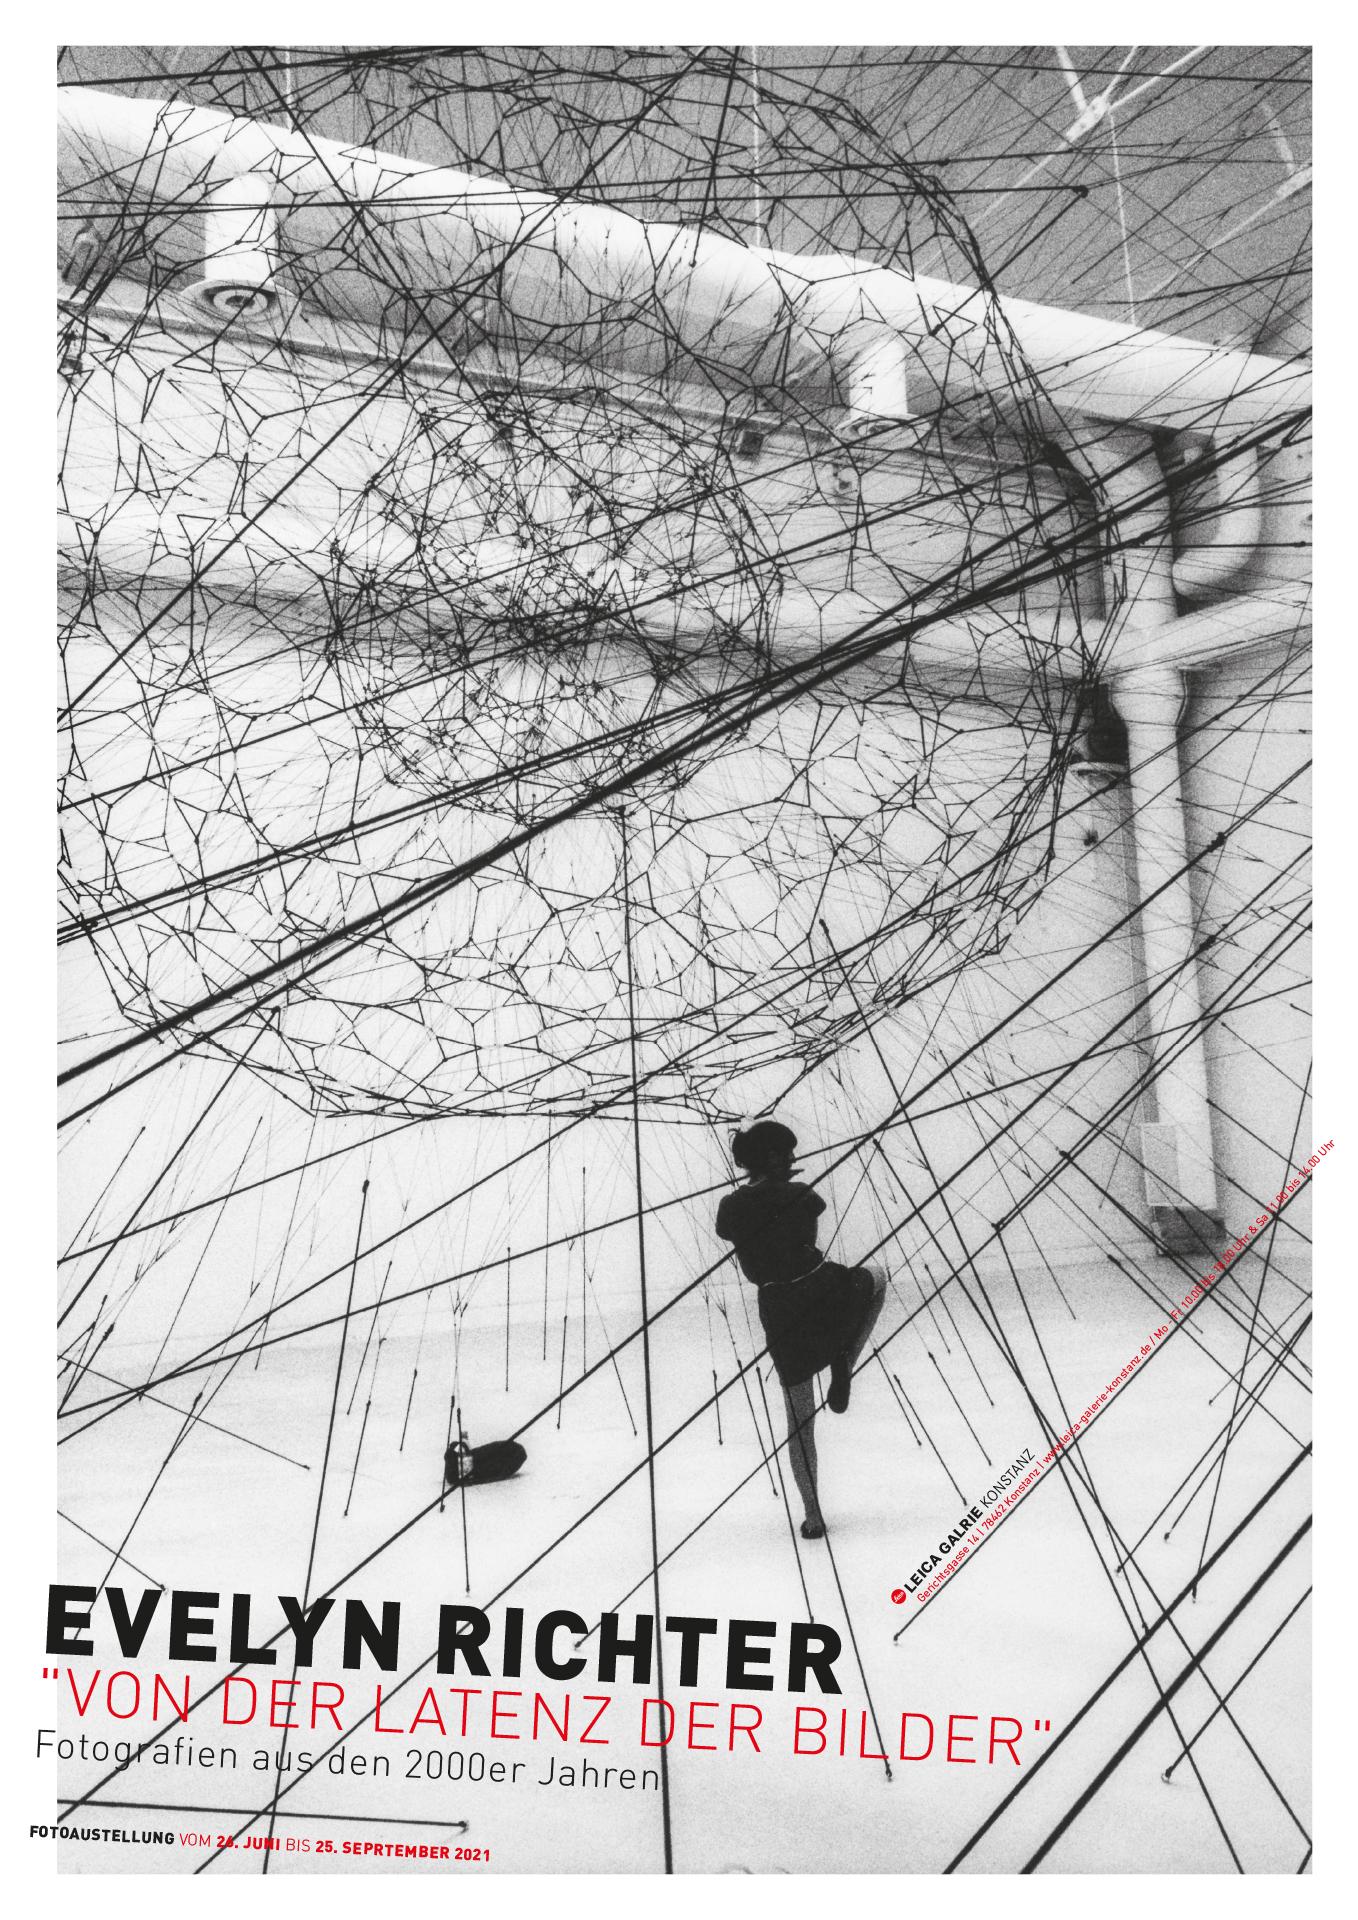 """Evelyn Richter """"Von der Latenz der Bilder"""" Fotografien aus den 2000er Jahren"""